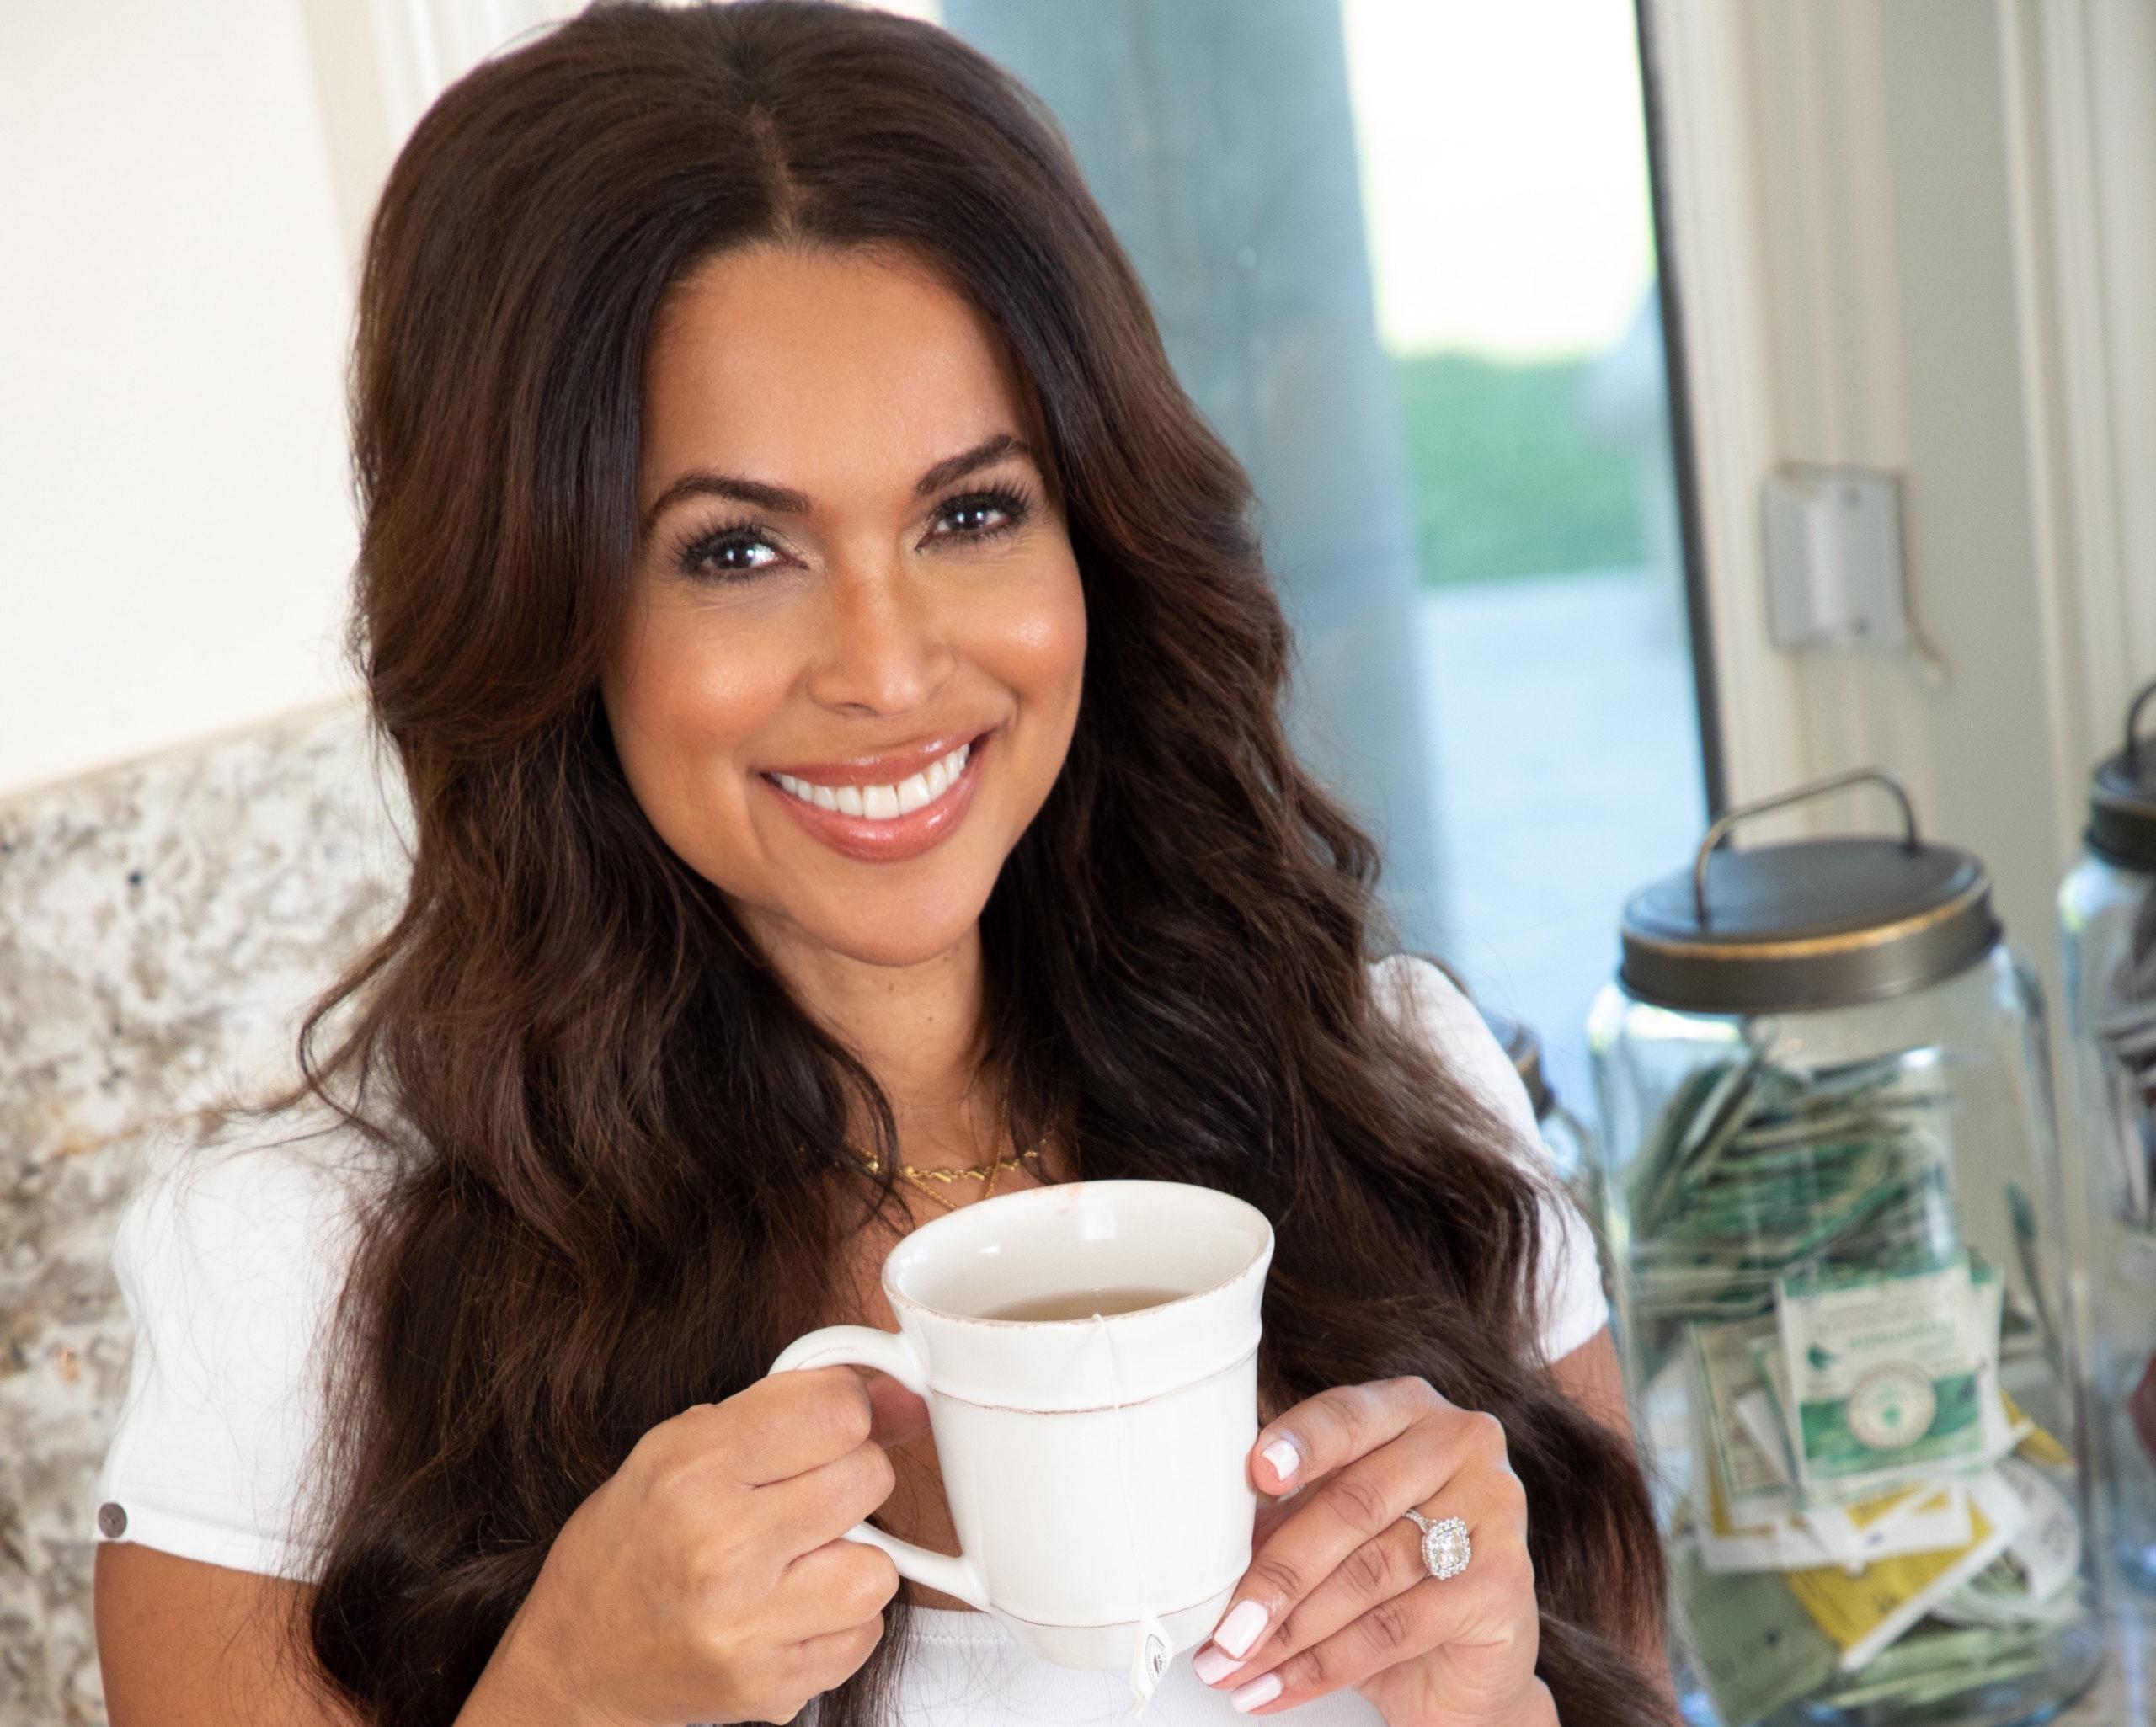 Teas, Please! My Four Go-To Favorite Teas for Health